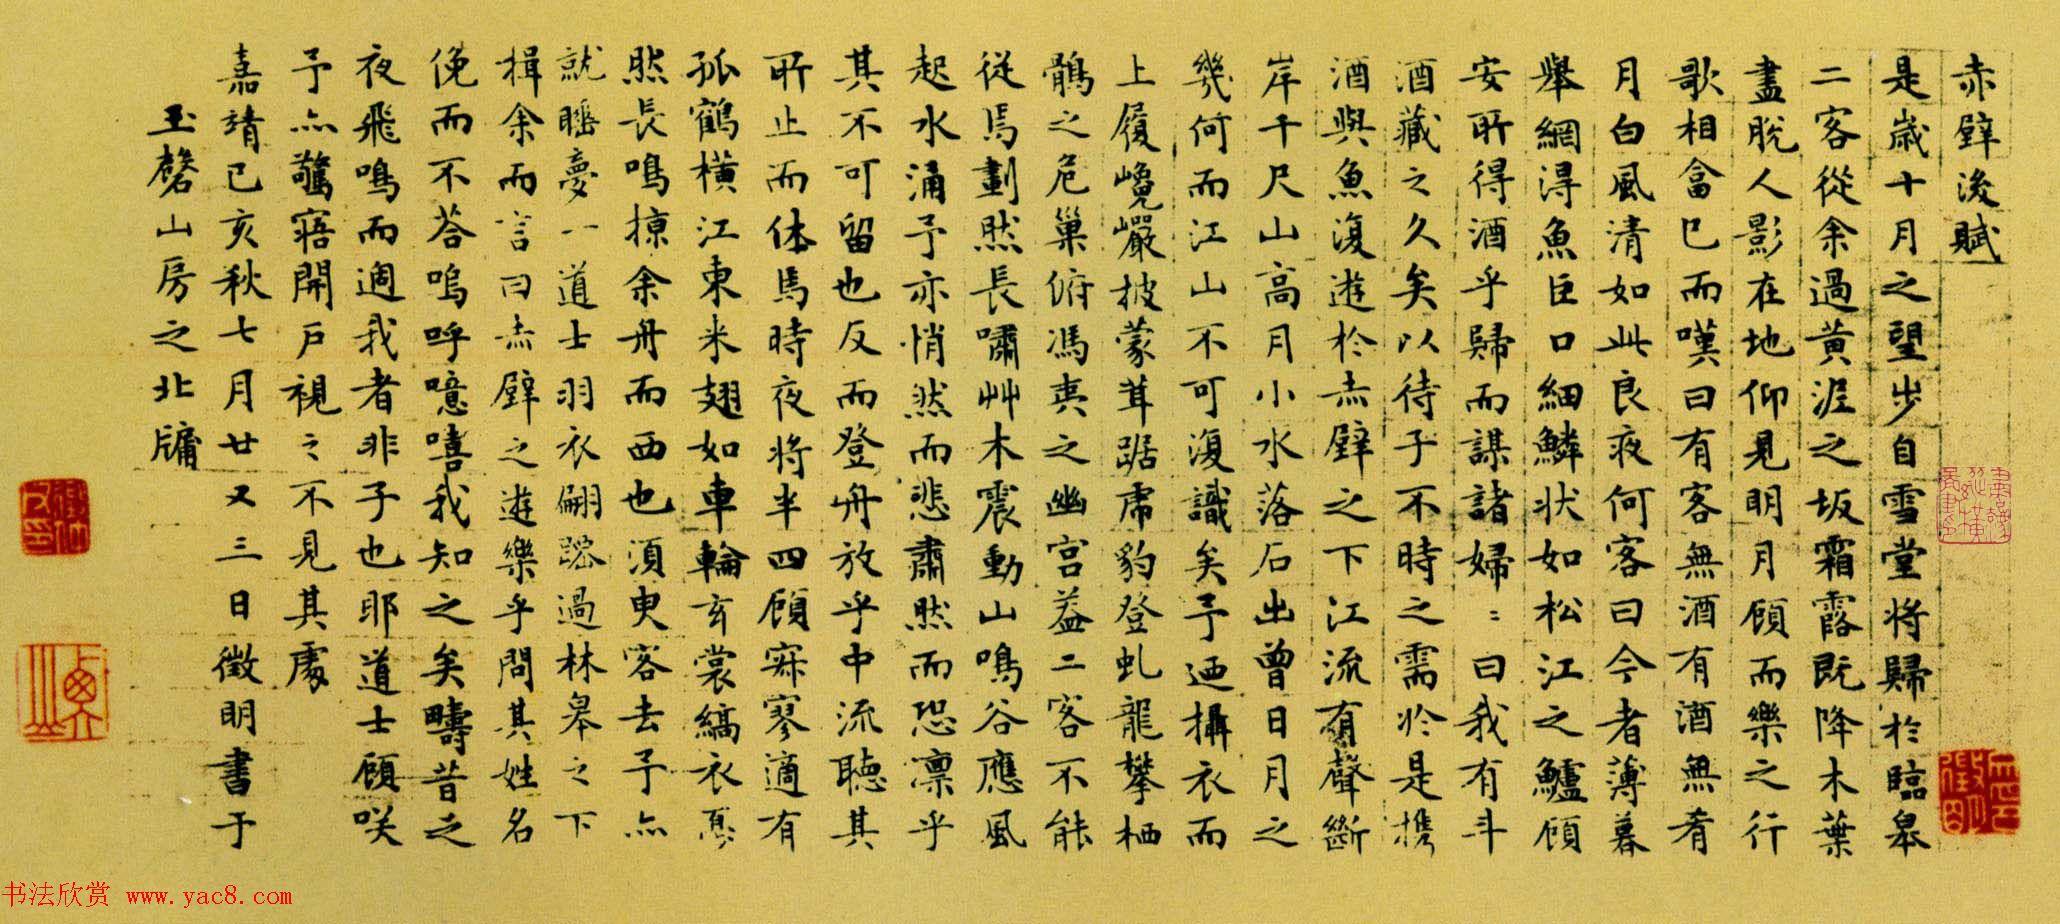 文徵明小楷作品《前后赤壁赋》多种